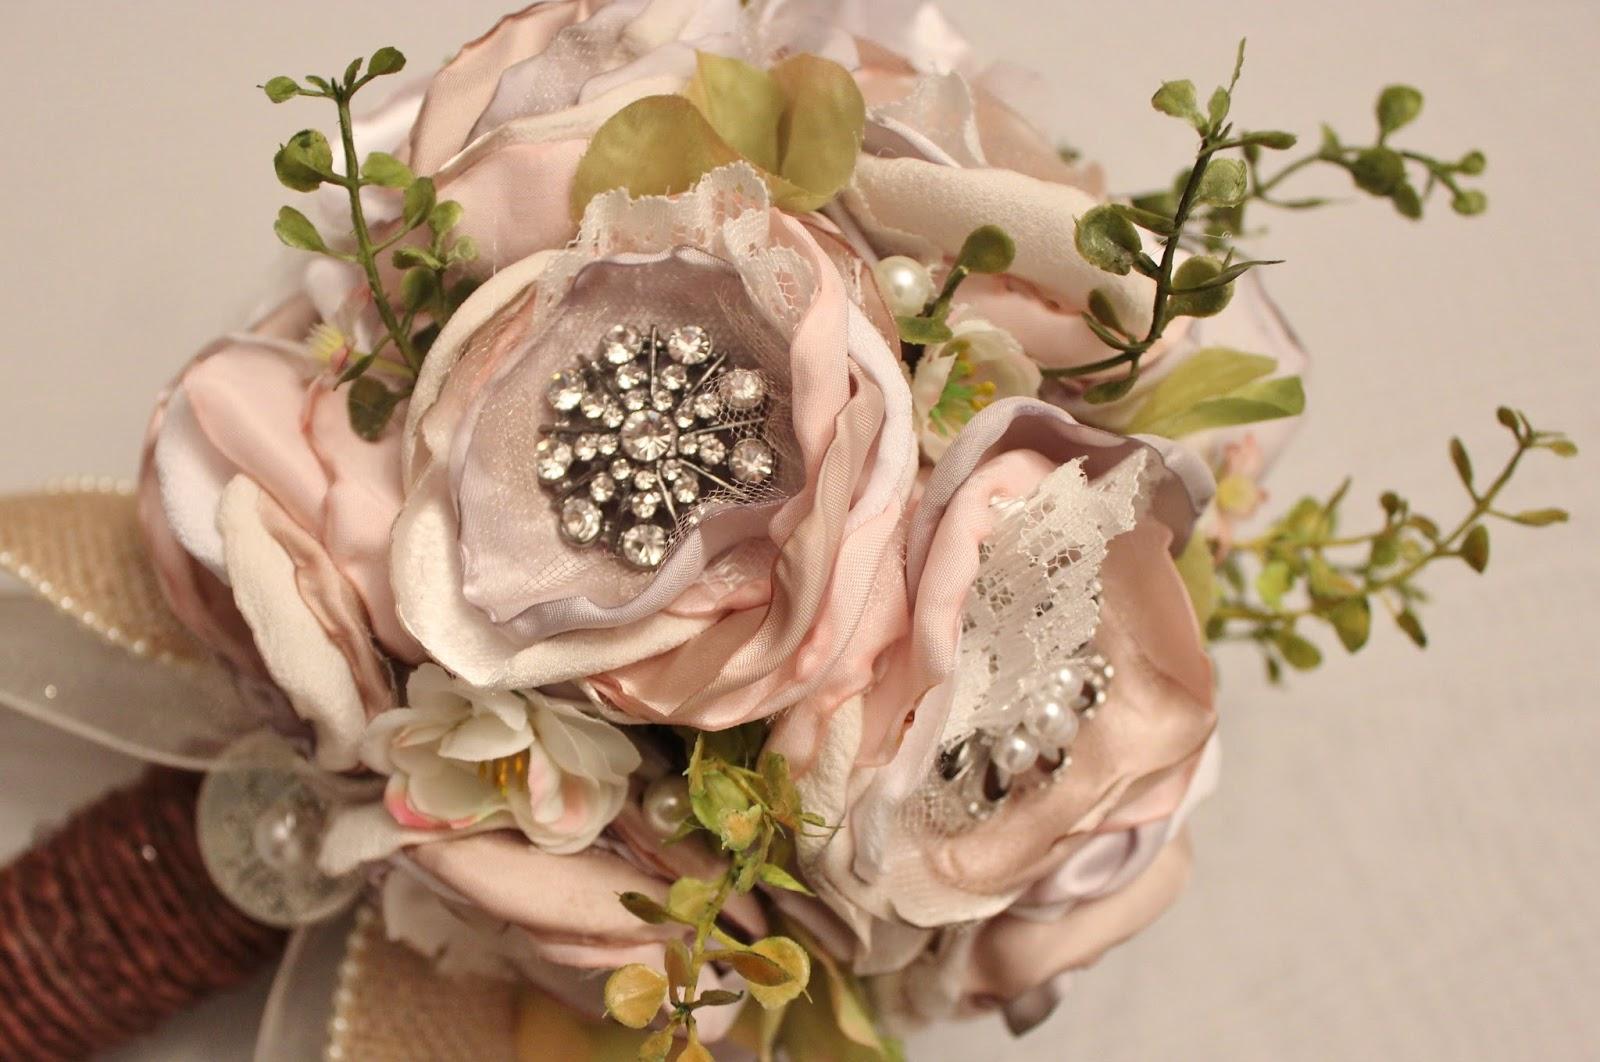 Bridal Bouquet Materials : Native bloom